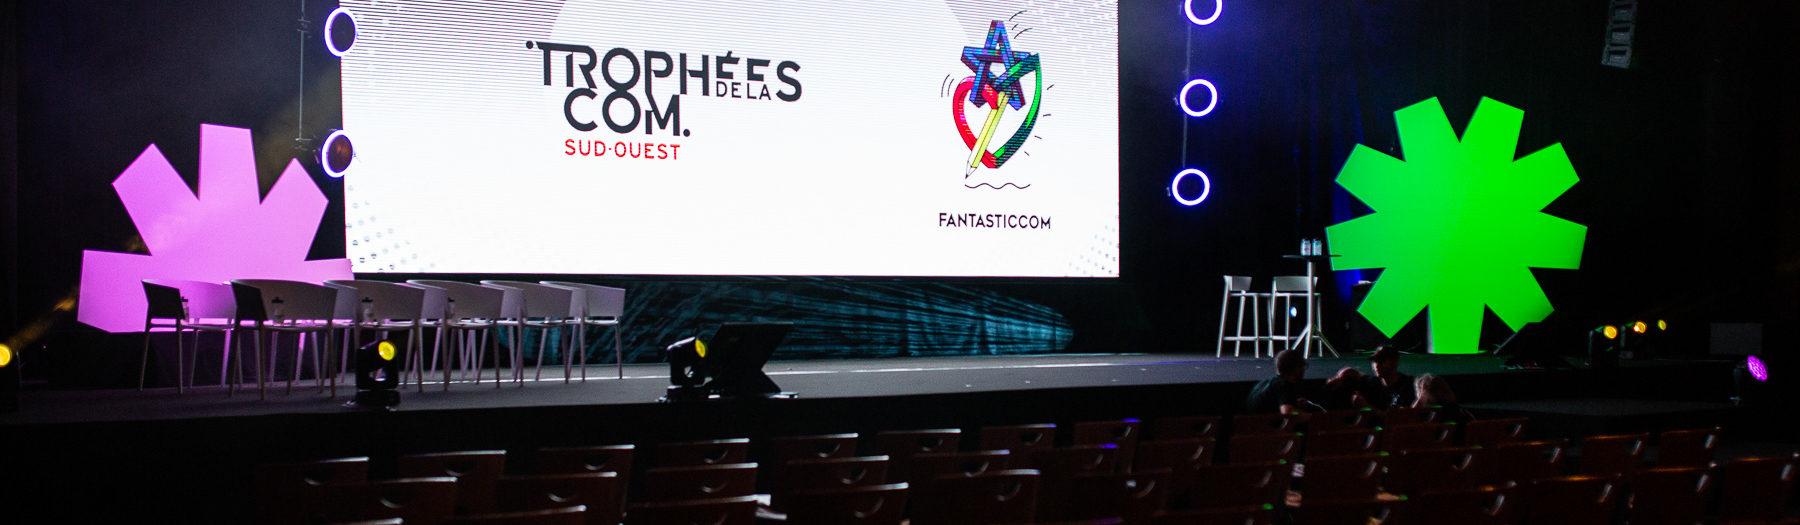 Reportage photo des Trophées de la Com - Fantasticcom